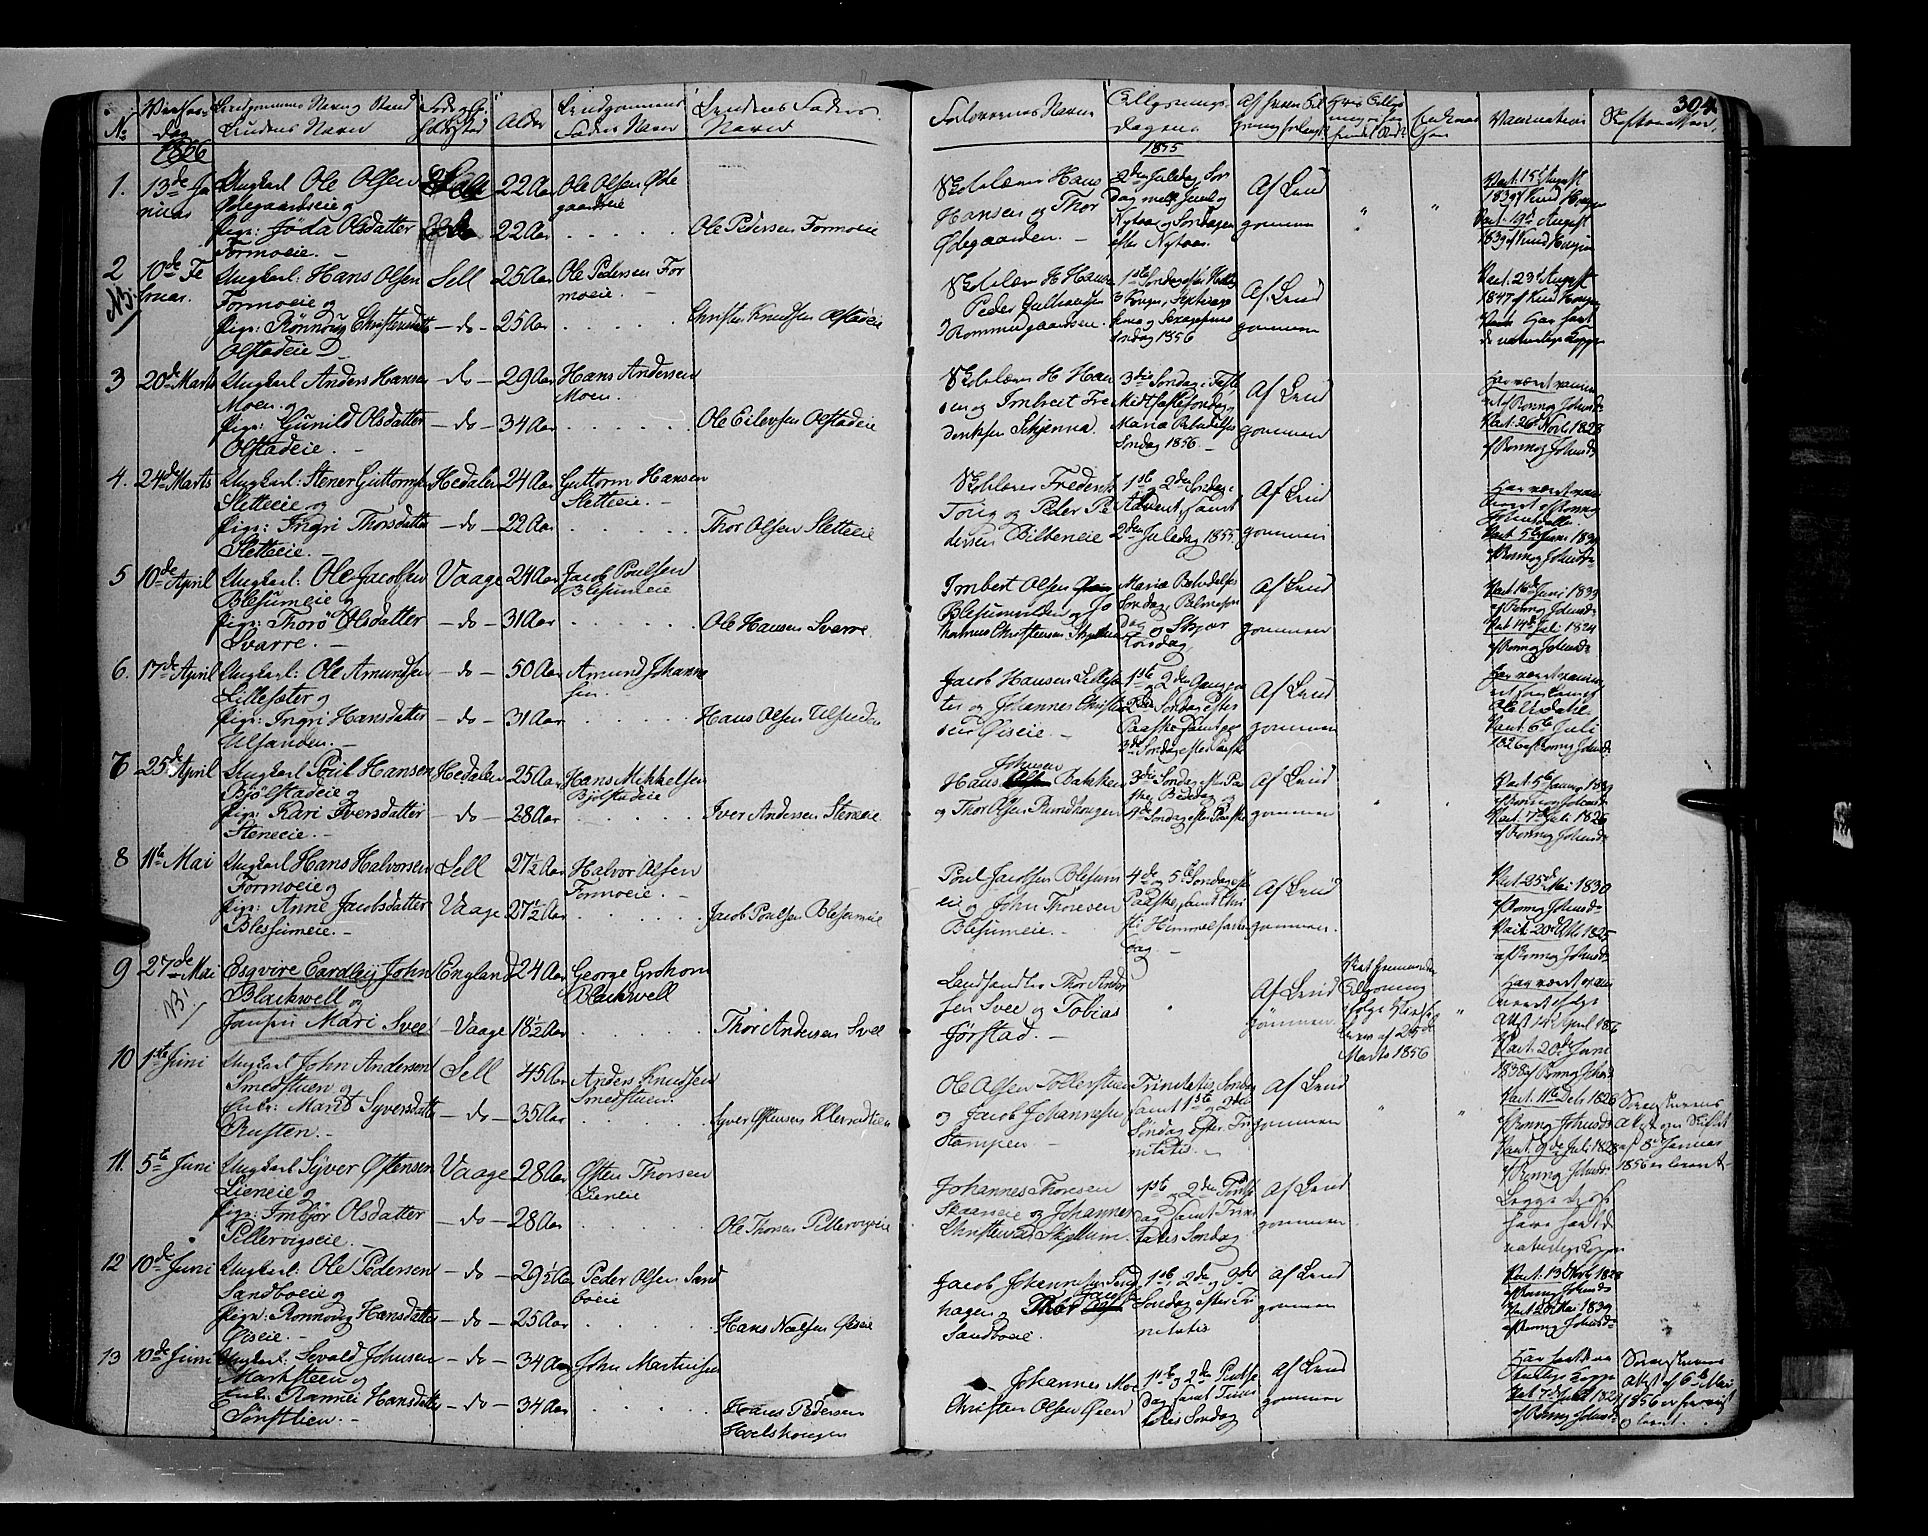 Oppland fylke, Vågå i Vågå, Ministerialbok nr. 5 /1 (1842-1856), Ekteviede 1856, side 304.